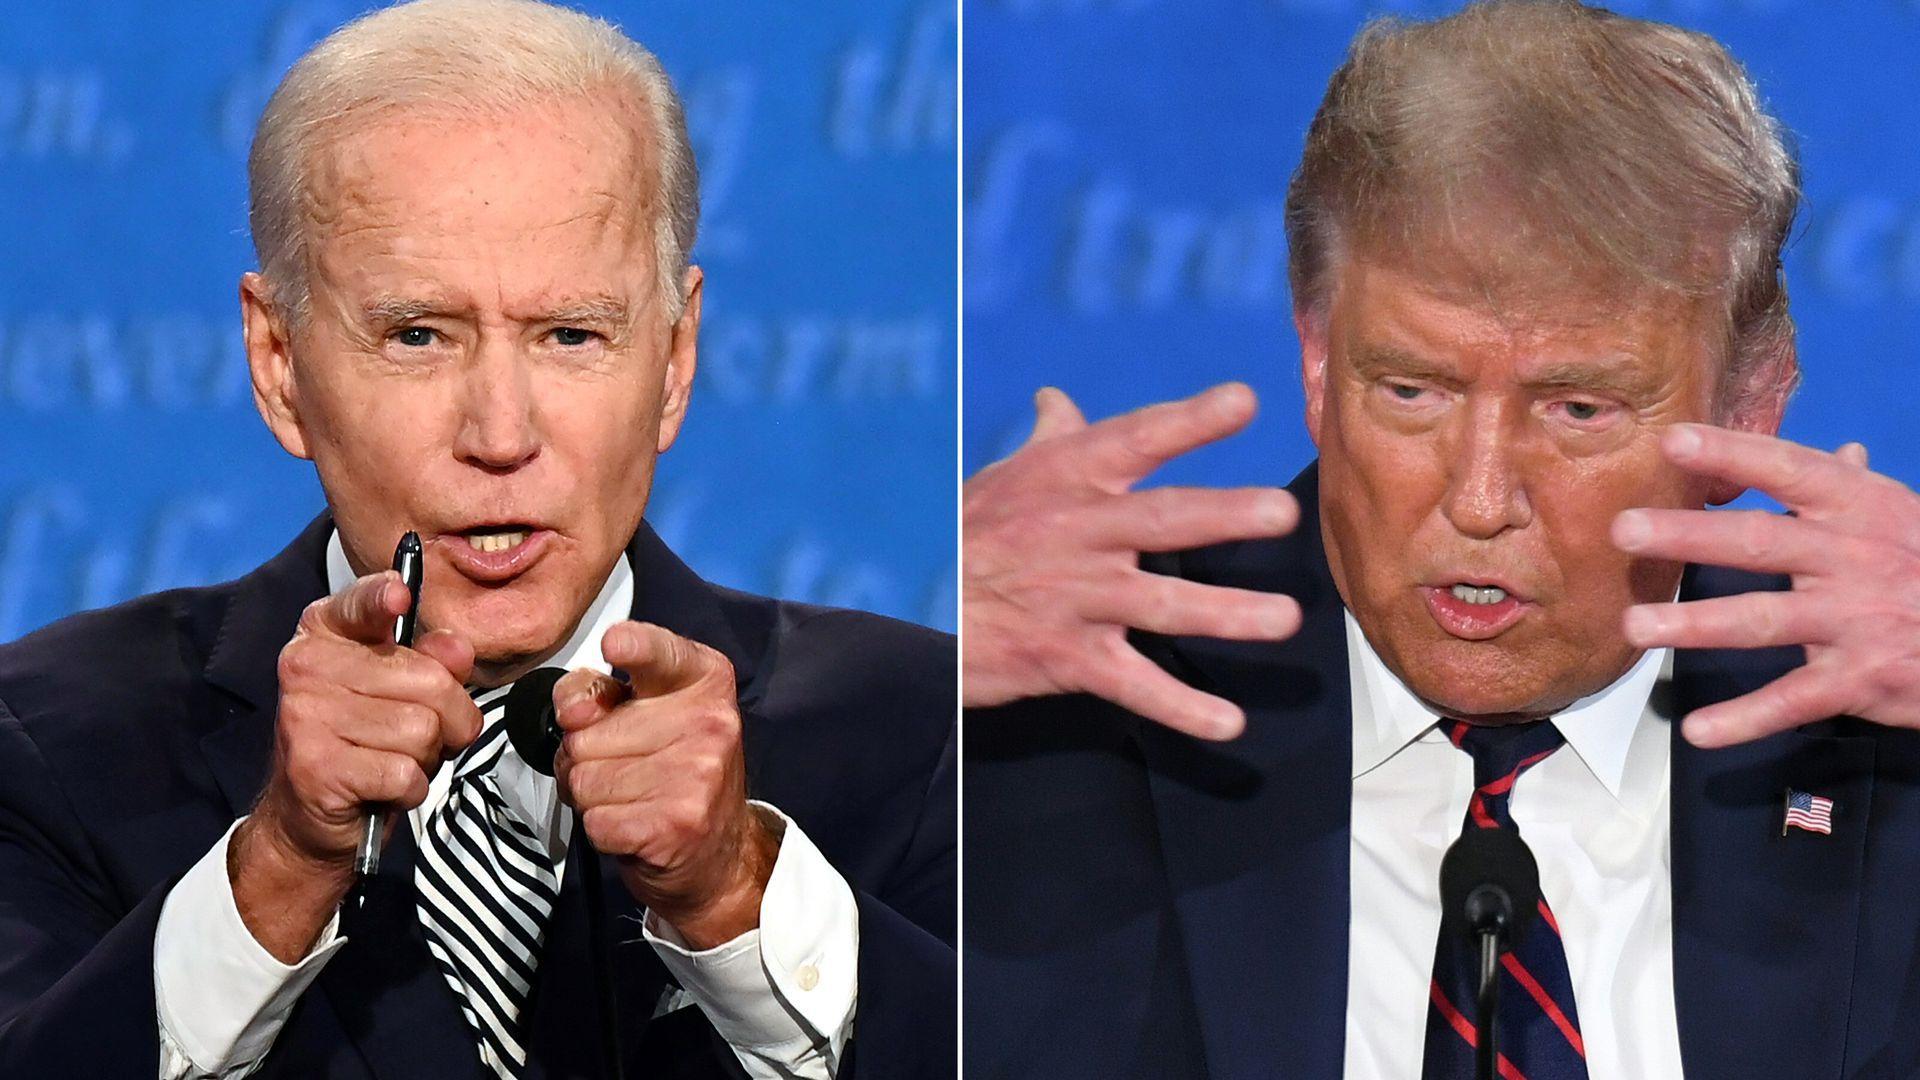 Hai ứng viên Trump và Biden sẽ bị tắt micro khi đối thủ phát biểu tại cuộc tranh luận cuối - Ảnh 1.